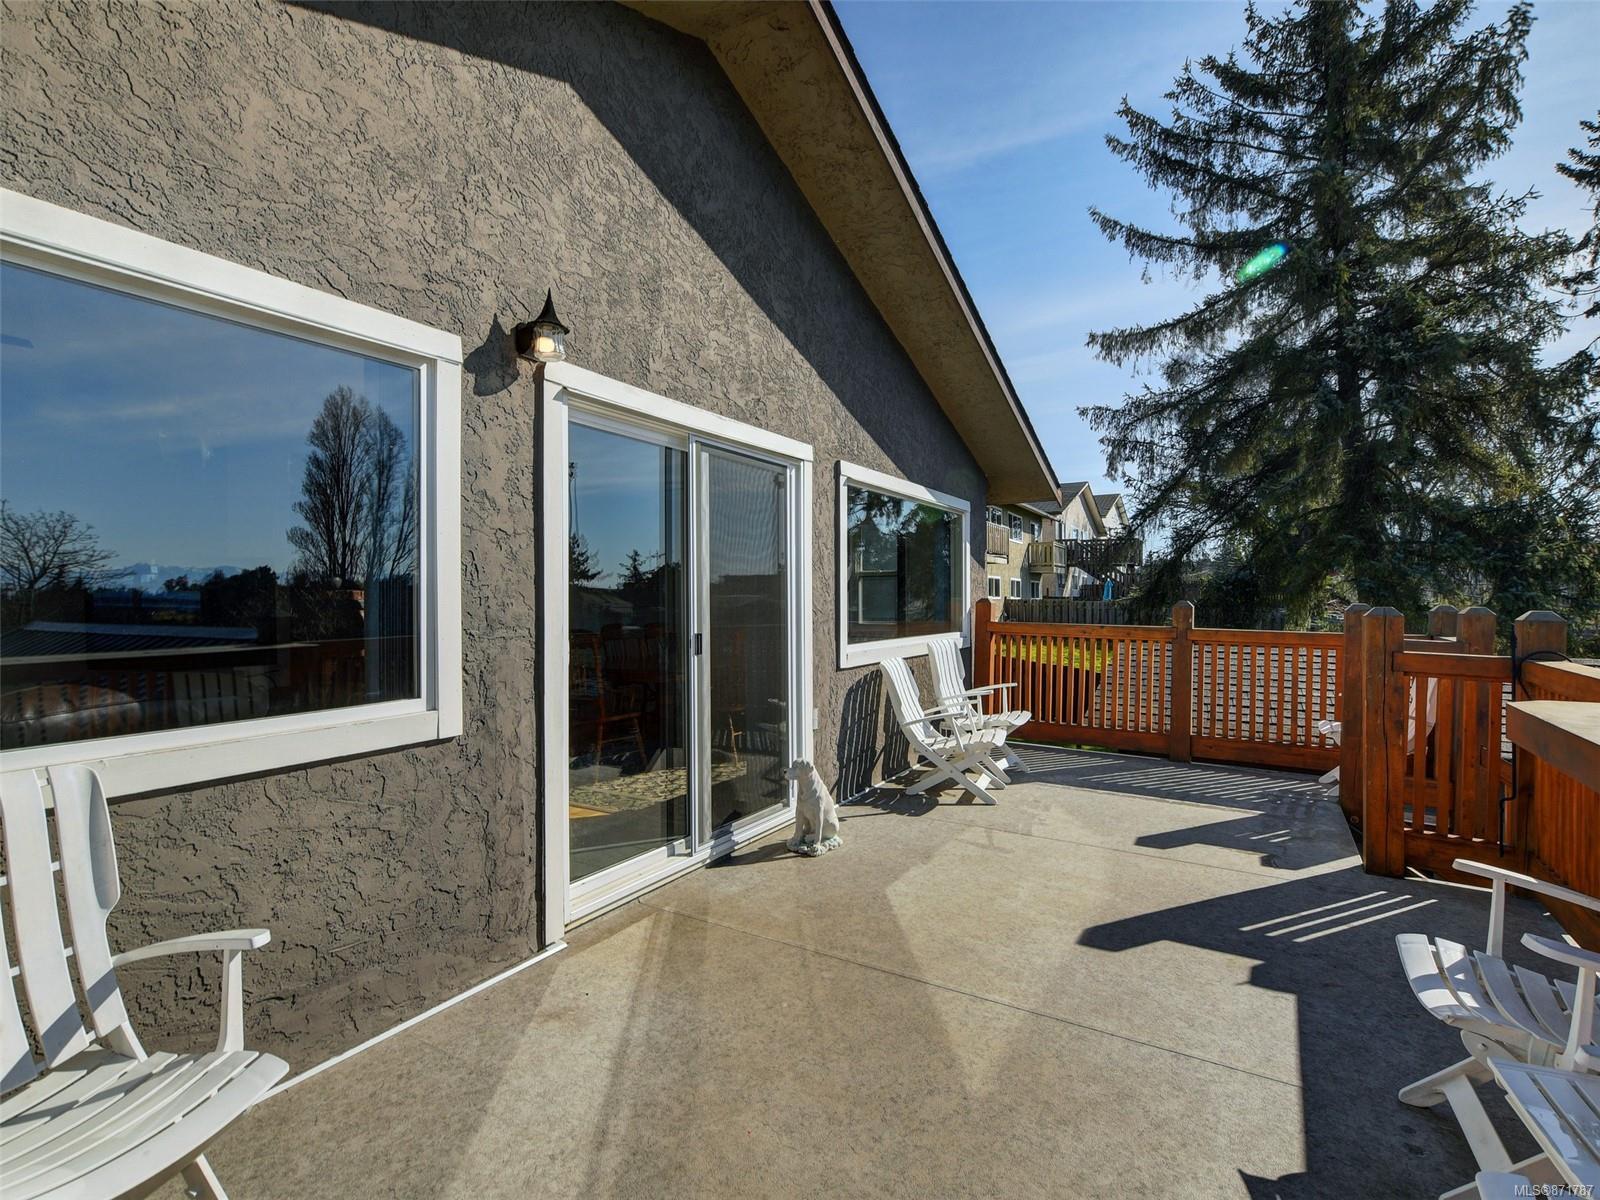 847 Admirals Road, Esquimalt photo number 2